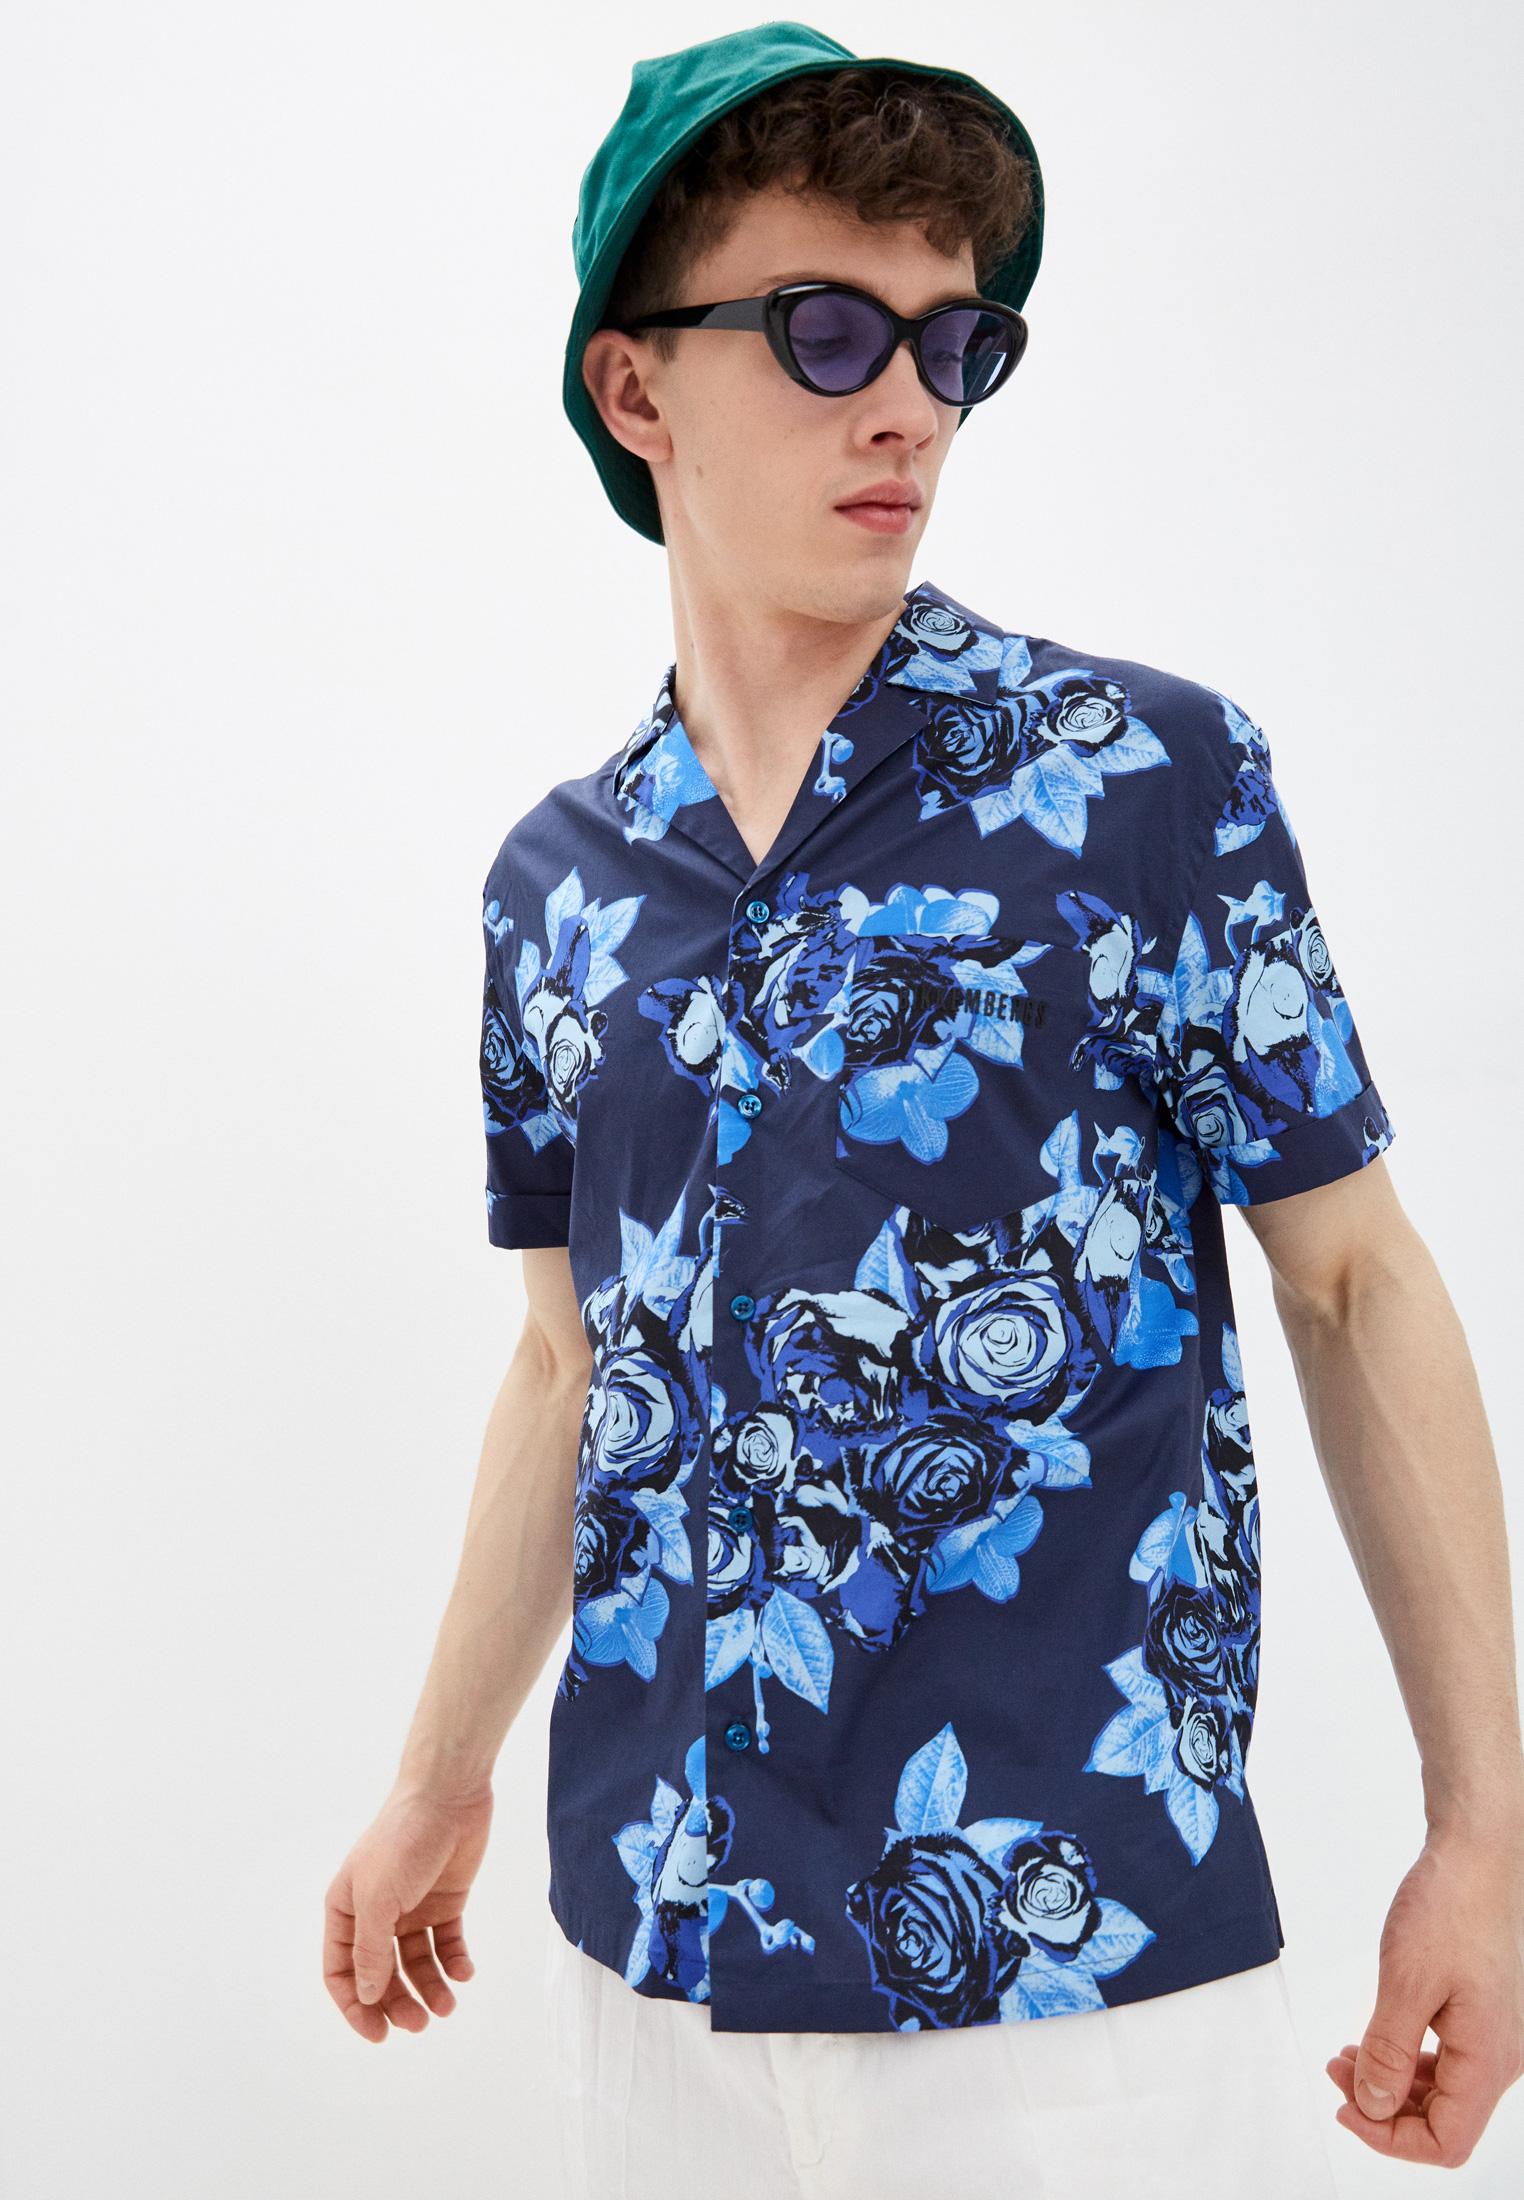 Рубашка с коротким рукавом Bikkembergs (Биккембергс) C C 043 01 S 3391